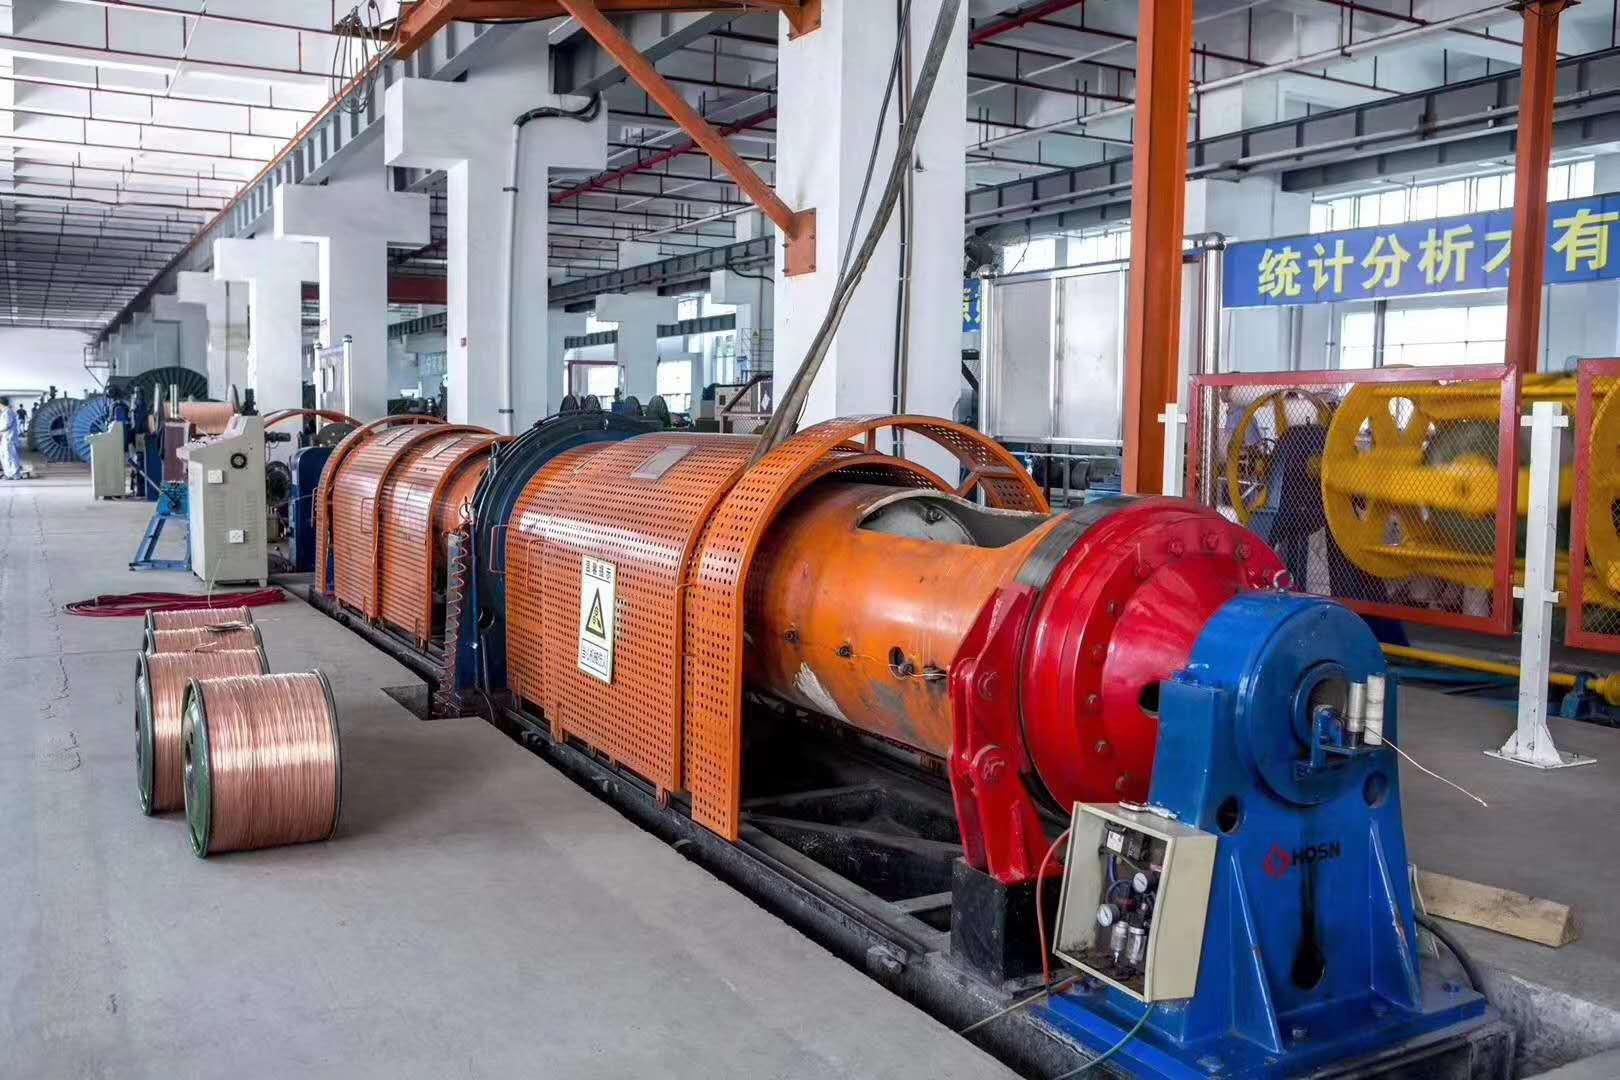 湖南电线电缆厂|湖南电缆厂家批发|电缆电线的相关知识